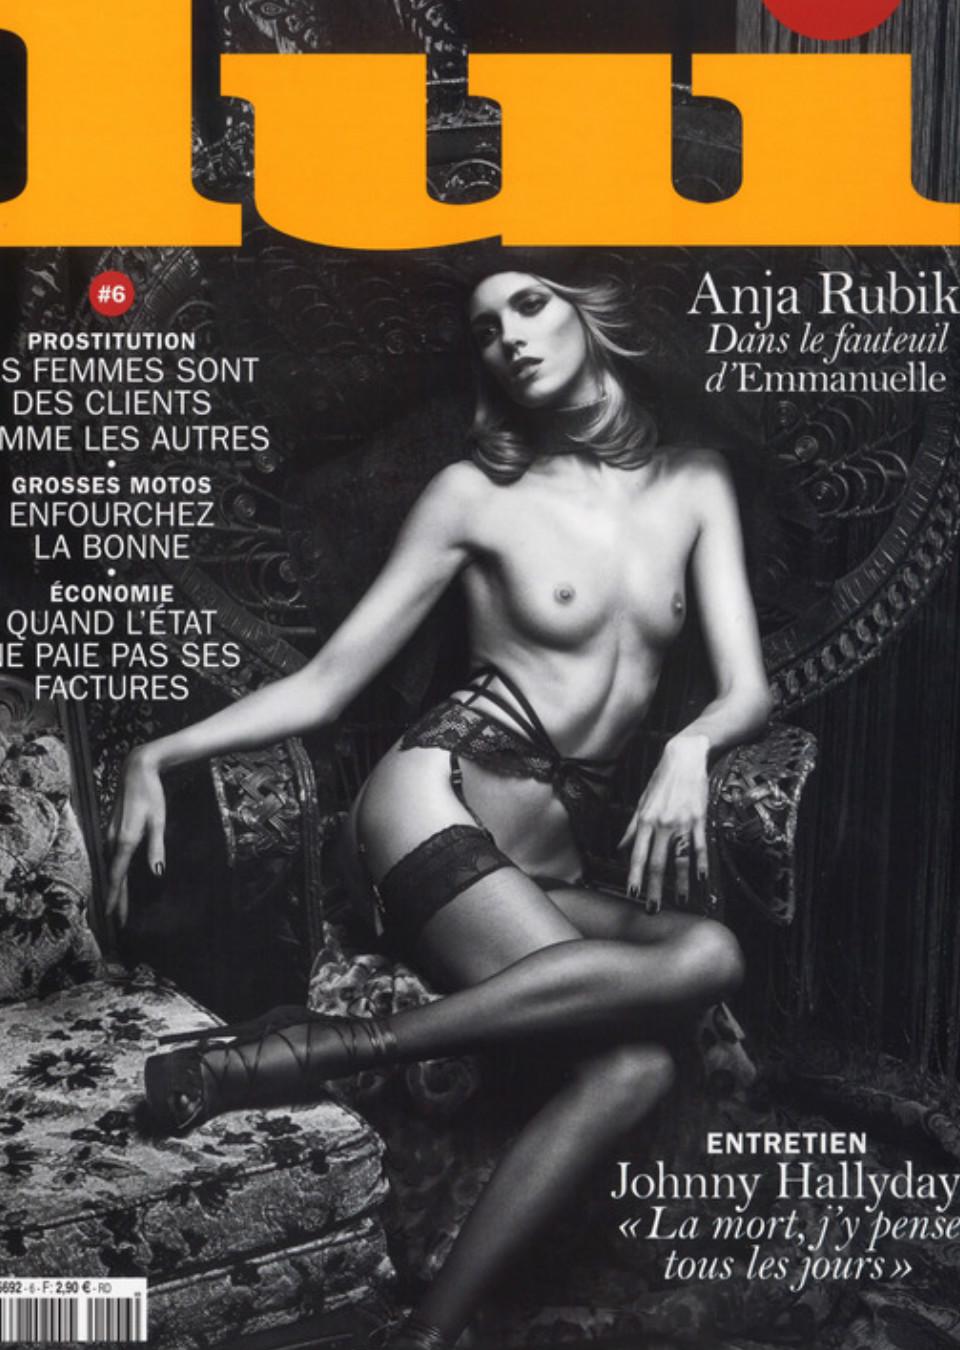 SAFE MGMT Management Paris - Anja Rubik